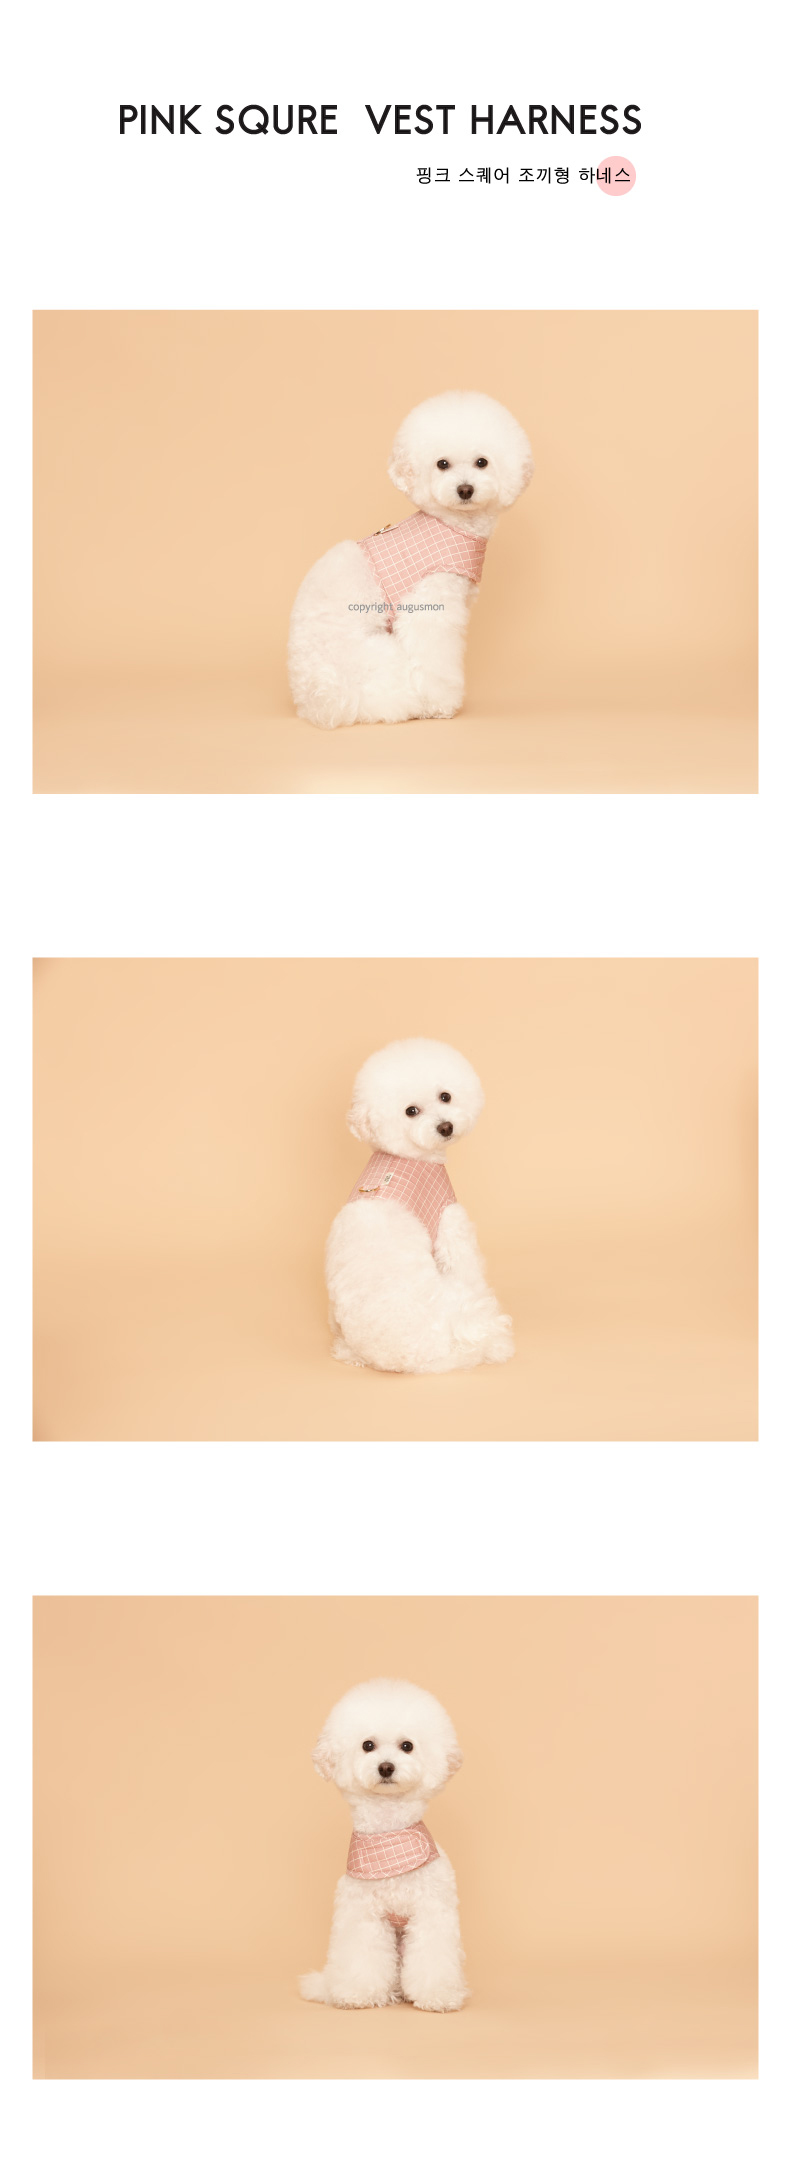 핑크 스퀘어 조끼 하네스 - 어거스몬, 32,000원, 이동장/리드줄/야외용품, 목줄/가슴줄